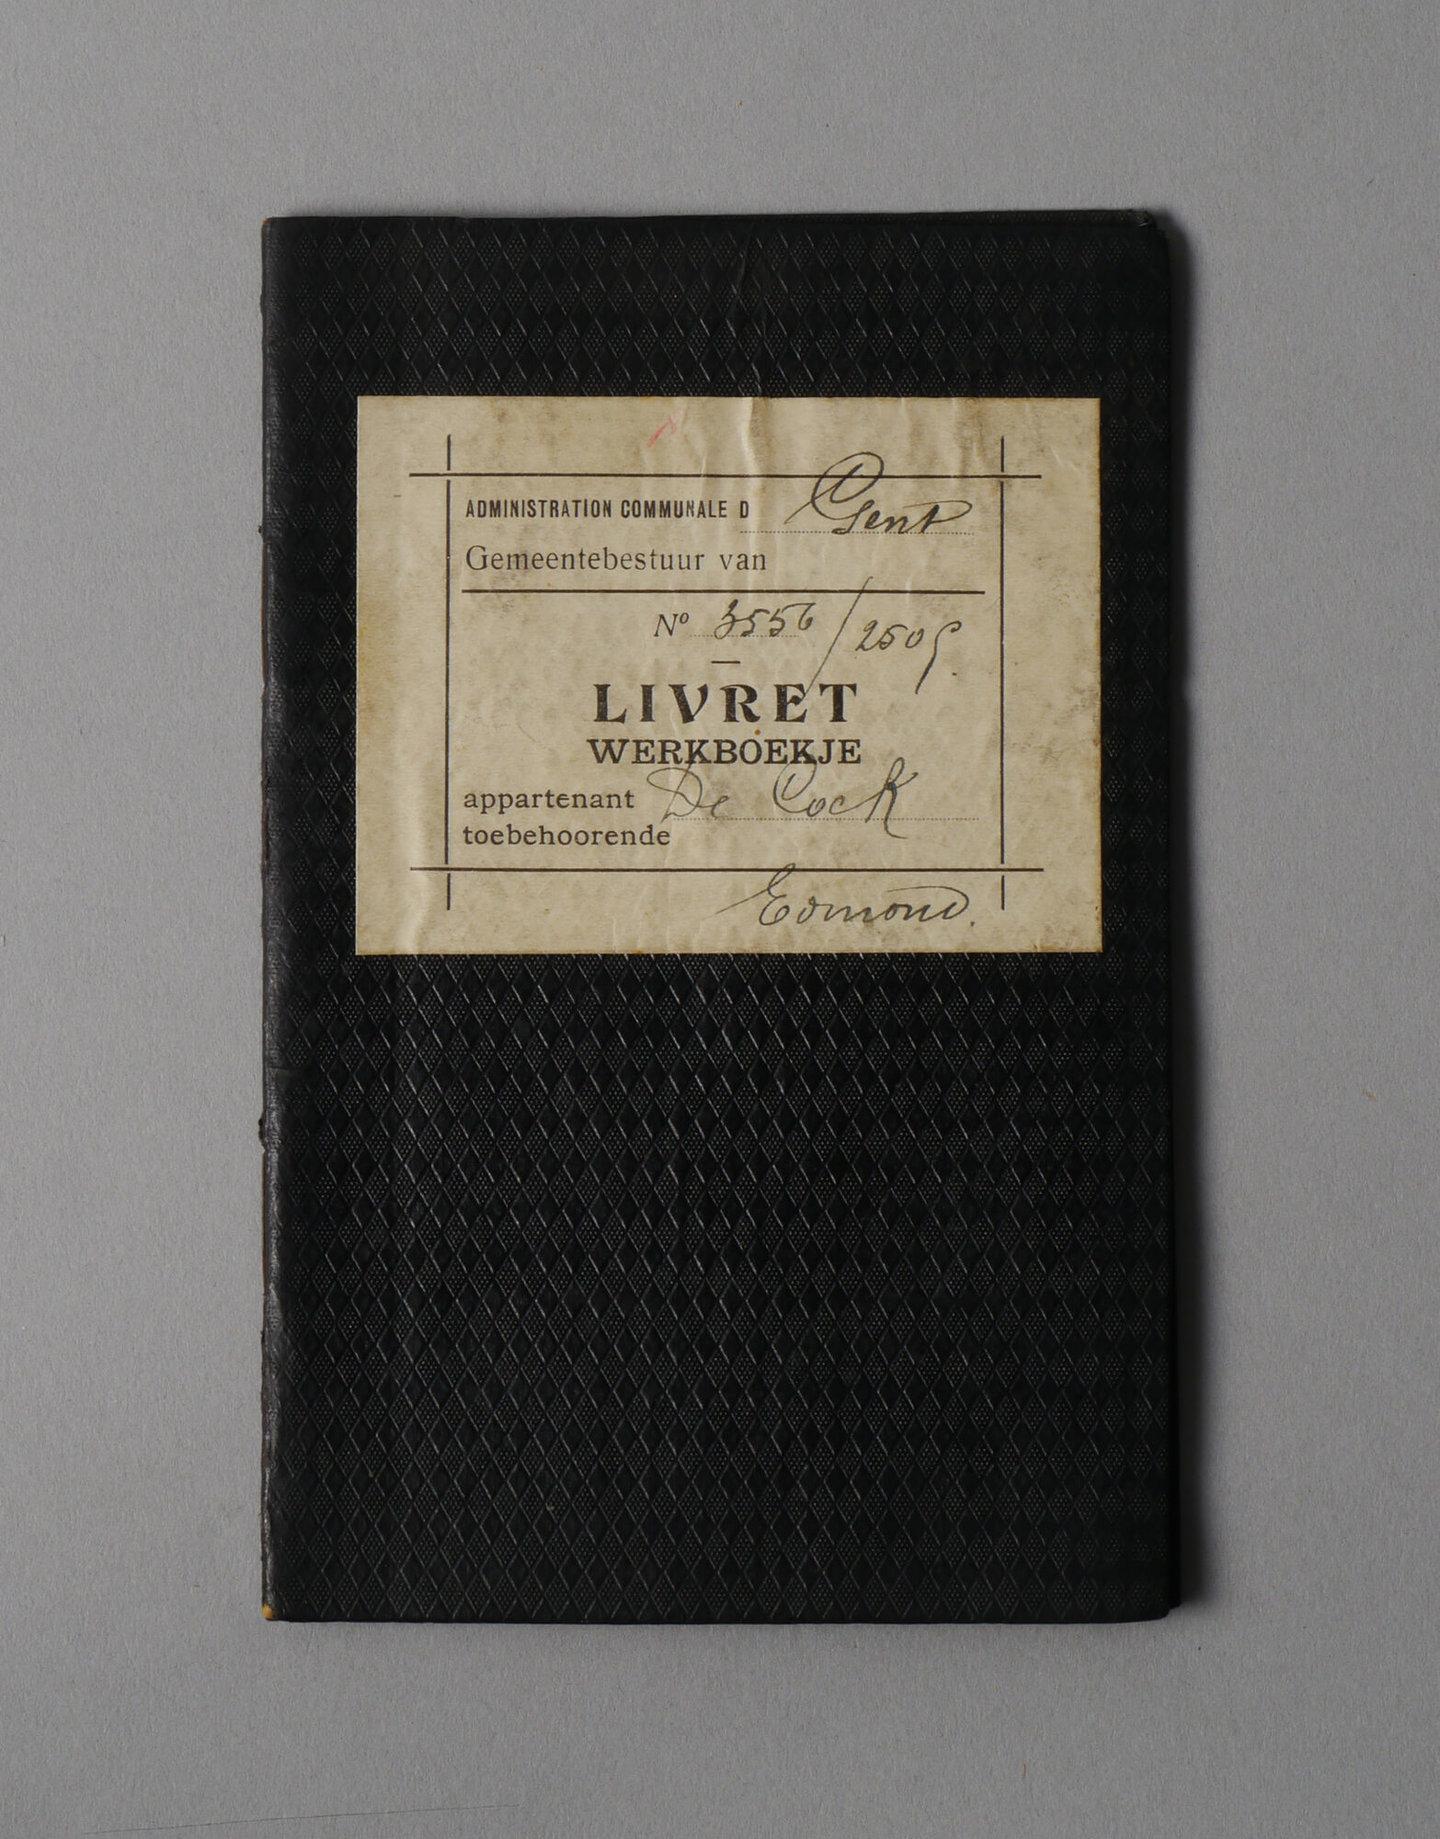 Werkboekje van Edmond De Cock